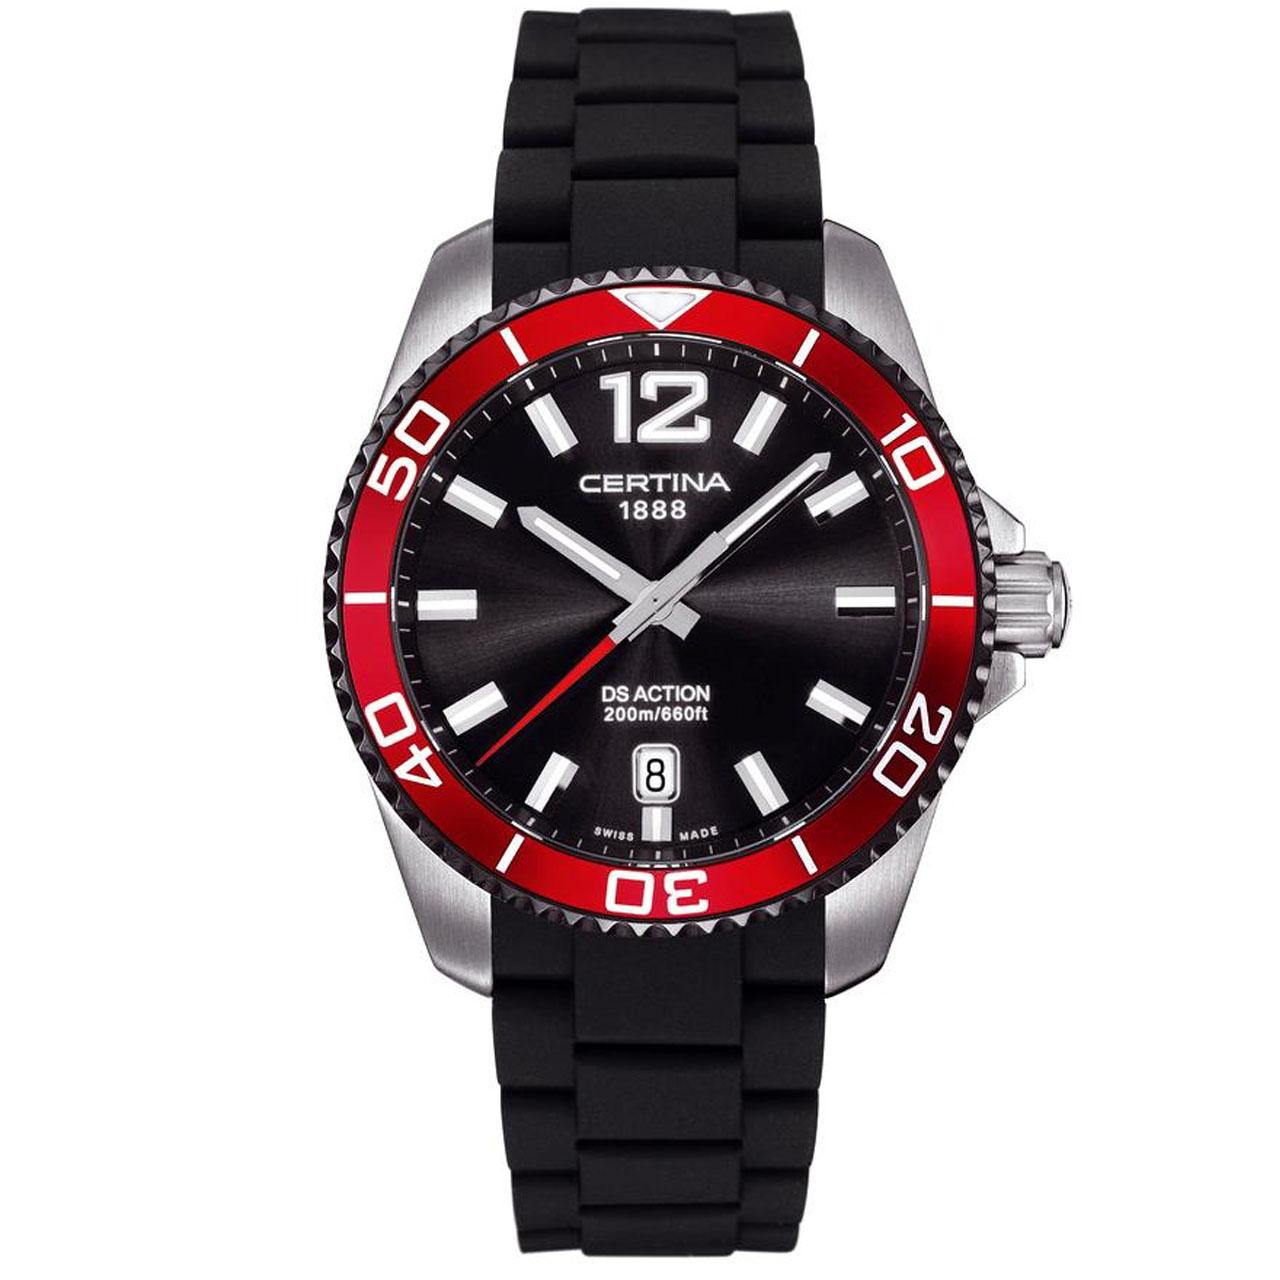 ساعت مچی عقربه ای مردانه سرتینا مدل C0134102705700